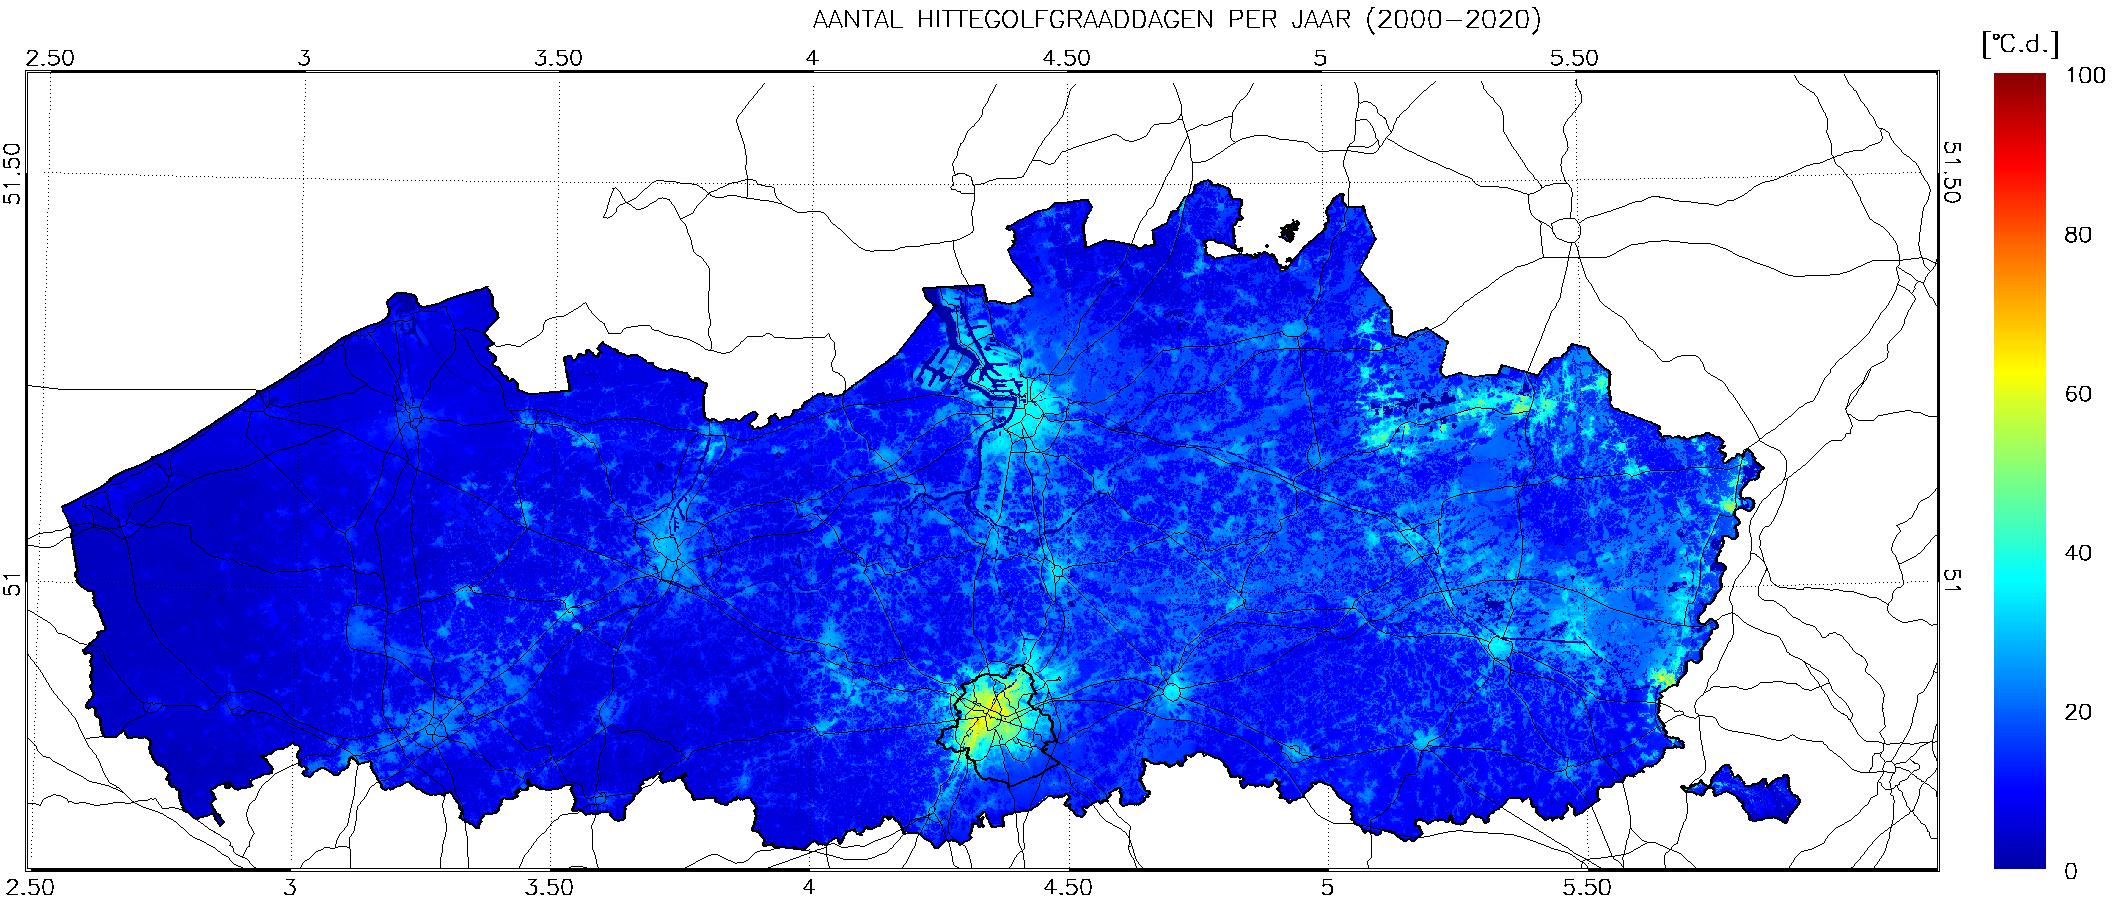 Spreiding voorkomen aantal hittegolfgraaddagen onder huidig klimaat (Vlaanderen, 2000-2020)